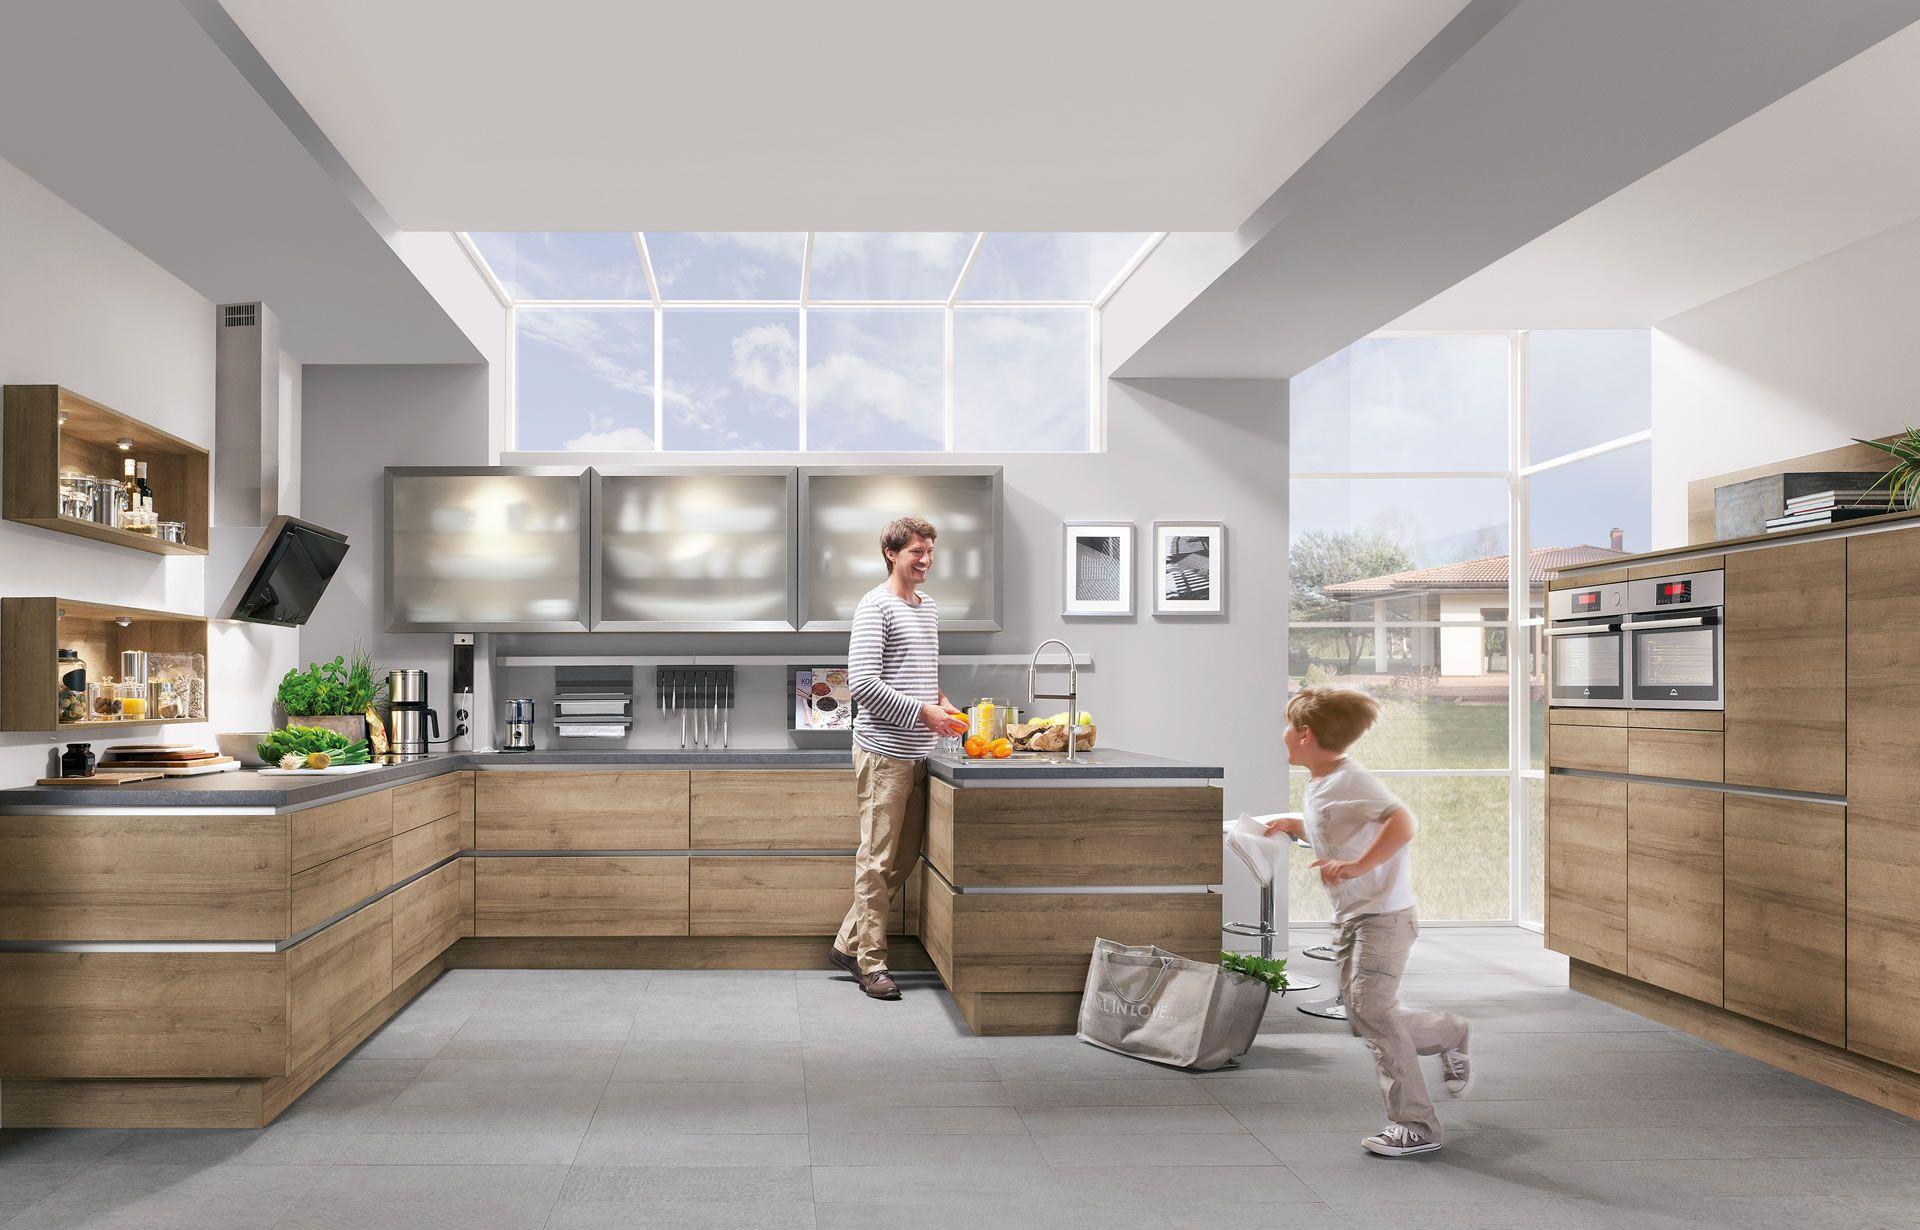 Full Size of Nobilia Preisliste Cuisine Kchen Einbauküche Küche Wohnzimmer Nobilia Preisliste